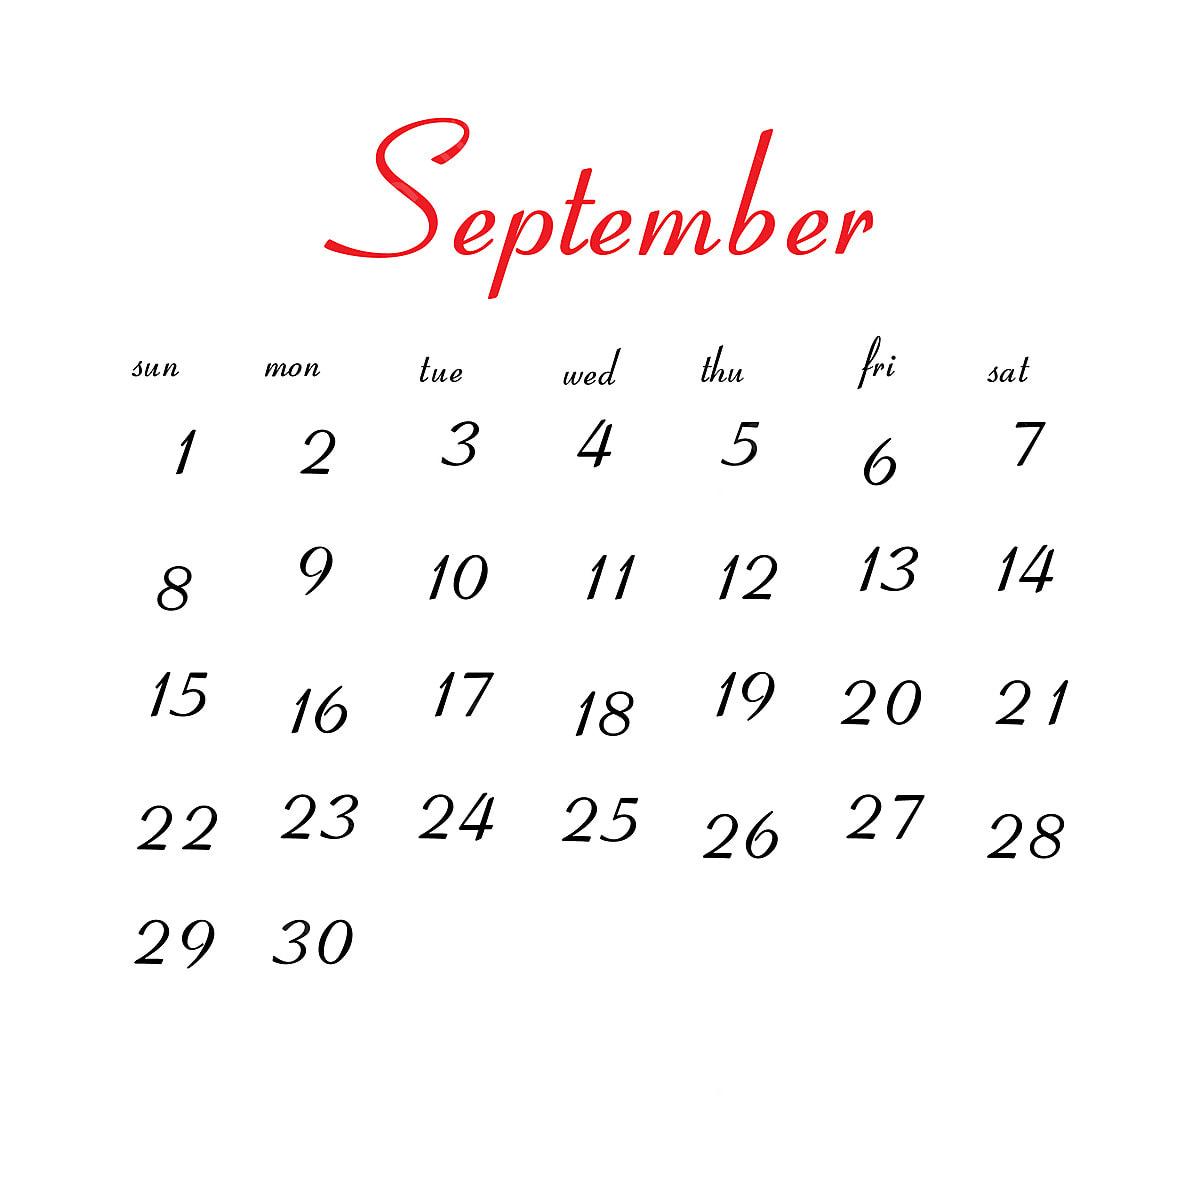 Calendario Settembre 2007.Settembre 2019 Calendario Vettore Pulita Png E Vector